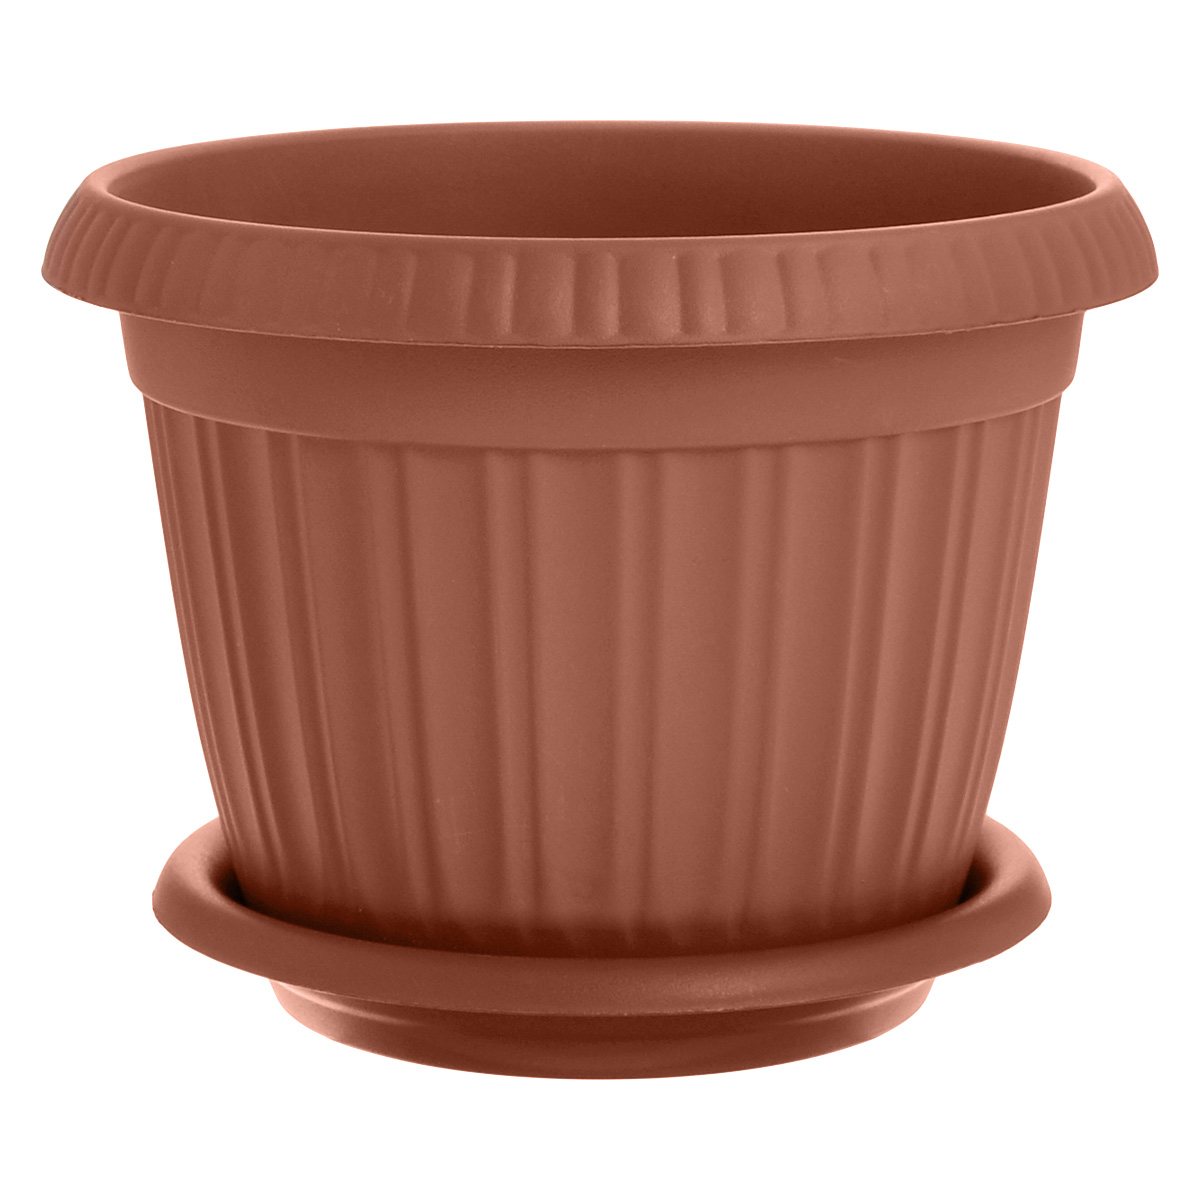 Горшок для цветов InGreen Таити, с подставкой, цвет: коричневый, диаметр 23 см32220/17Горшок InGreen Таити выполнен из высококачественного полипропилена (пластика) и предназначен для выращивания цветов, растений и трав. Снабжен подставкой для стока воды.Такой горшок порадует вас функциональностью, а благодаря лаконичному дизайну впишется в любой интерьер помещения.Диаметр горшка по верхнему краю: 23 см. Высота горшка: 17,5 см. Диаметр подставки: 19 см.